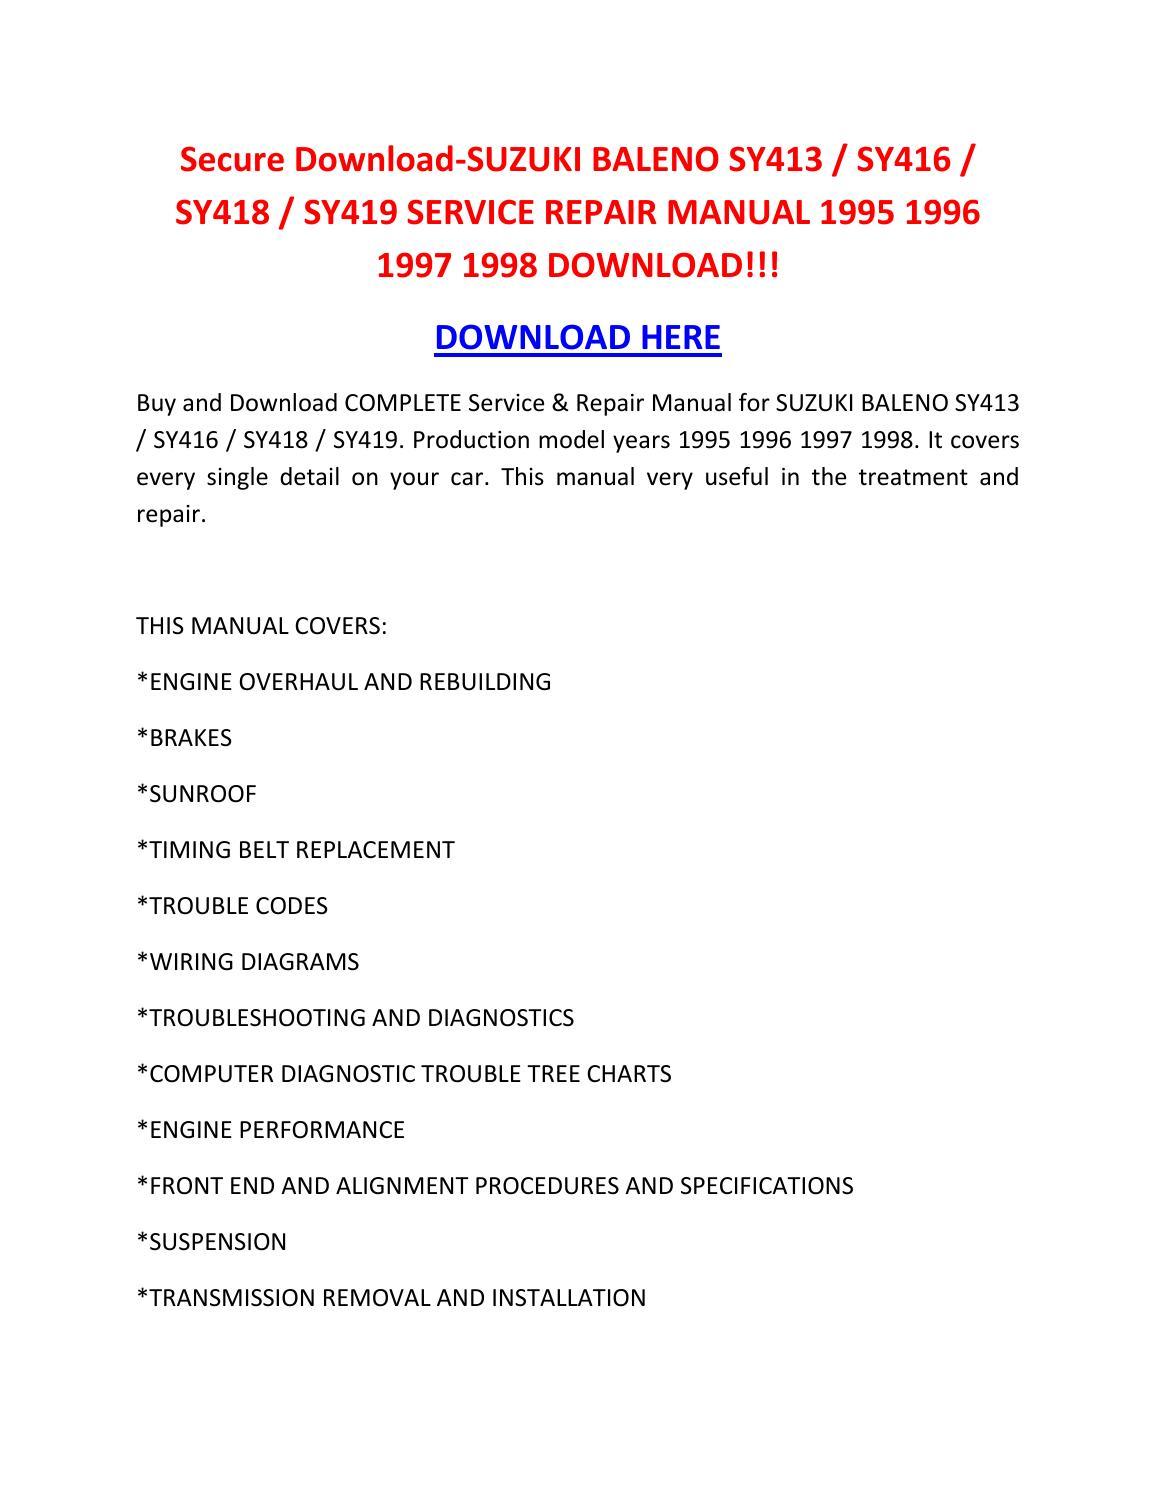 Secure Download Suzuki Baleno Sy413 Sy416 Sy418 Sy419